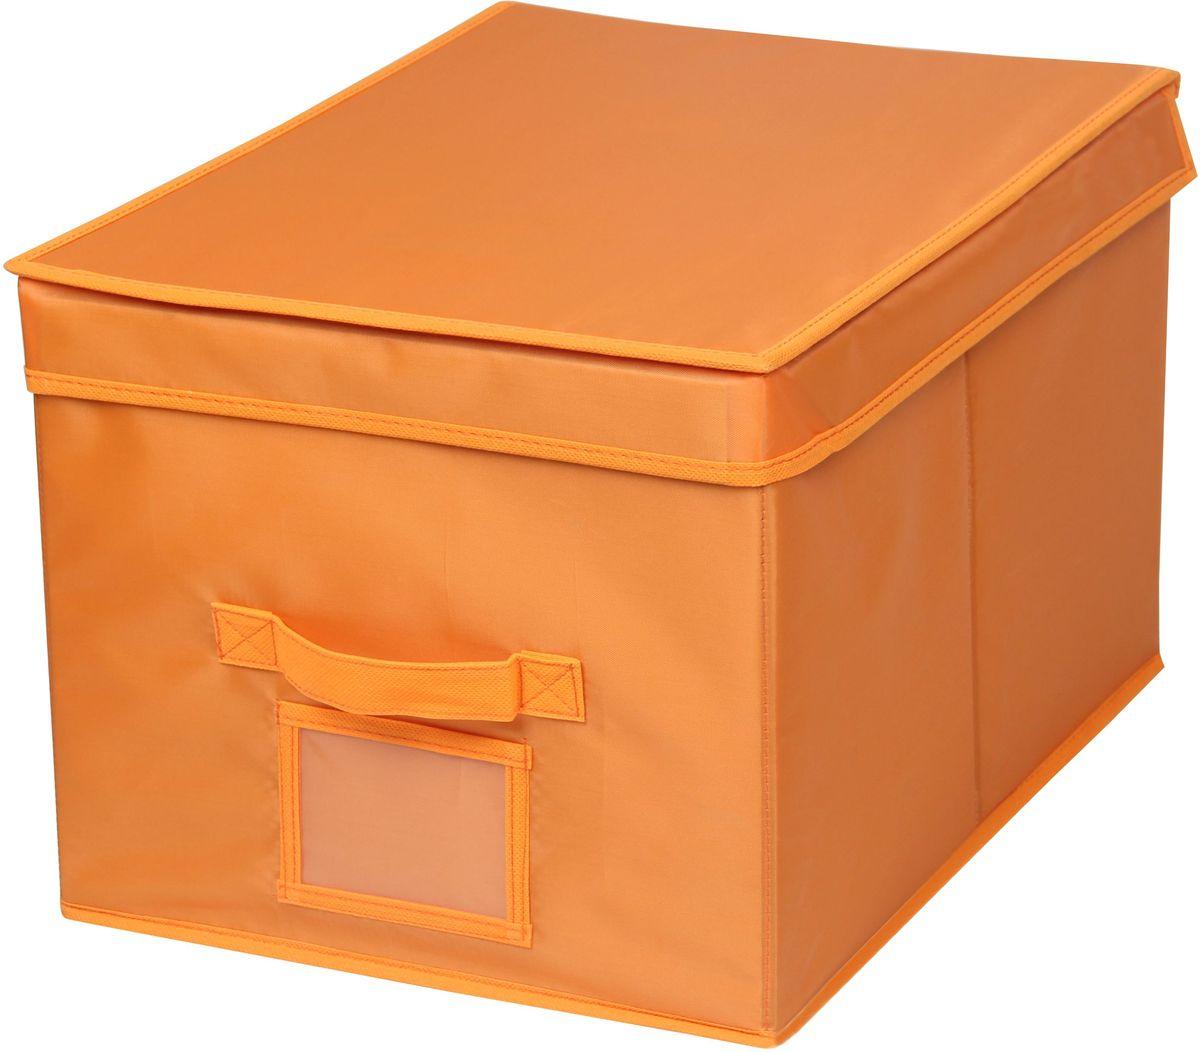 Кофр для хранения Handy Home Апельсин, 40 х 50 х 25 смБрелок для ключейКофр для кранения Handy Home - прямоугольный складной с крышкой. Занимает минимум места в сложенном виде. Естественная вентиляция: материал позволяет воздуху свободно проникать внутрь, не пропуская пыль. Подходит для хранения одежды, обуви, мелких предметов, документов и многого другого.